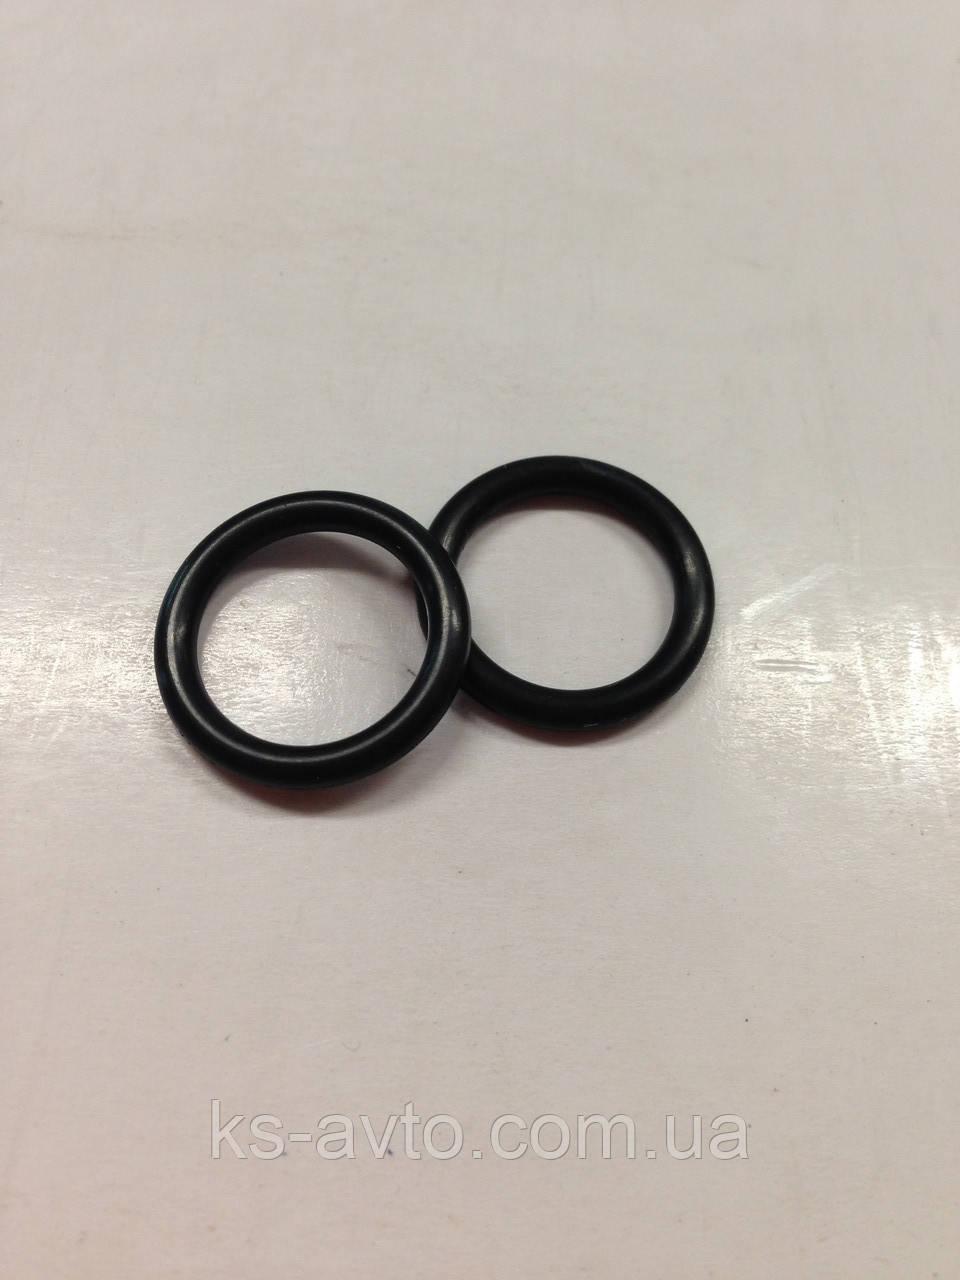 Кольцо уплотнительное трубок кондиционера Ланос GM